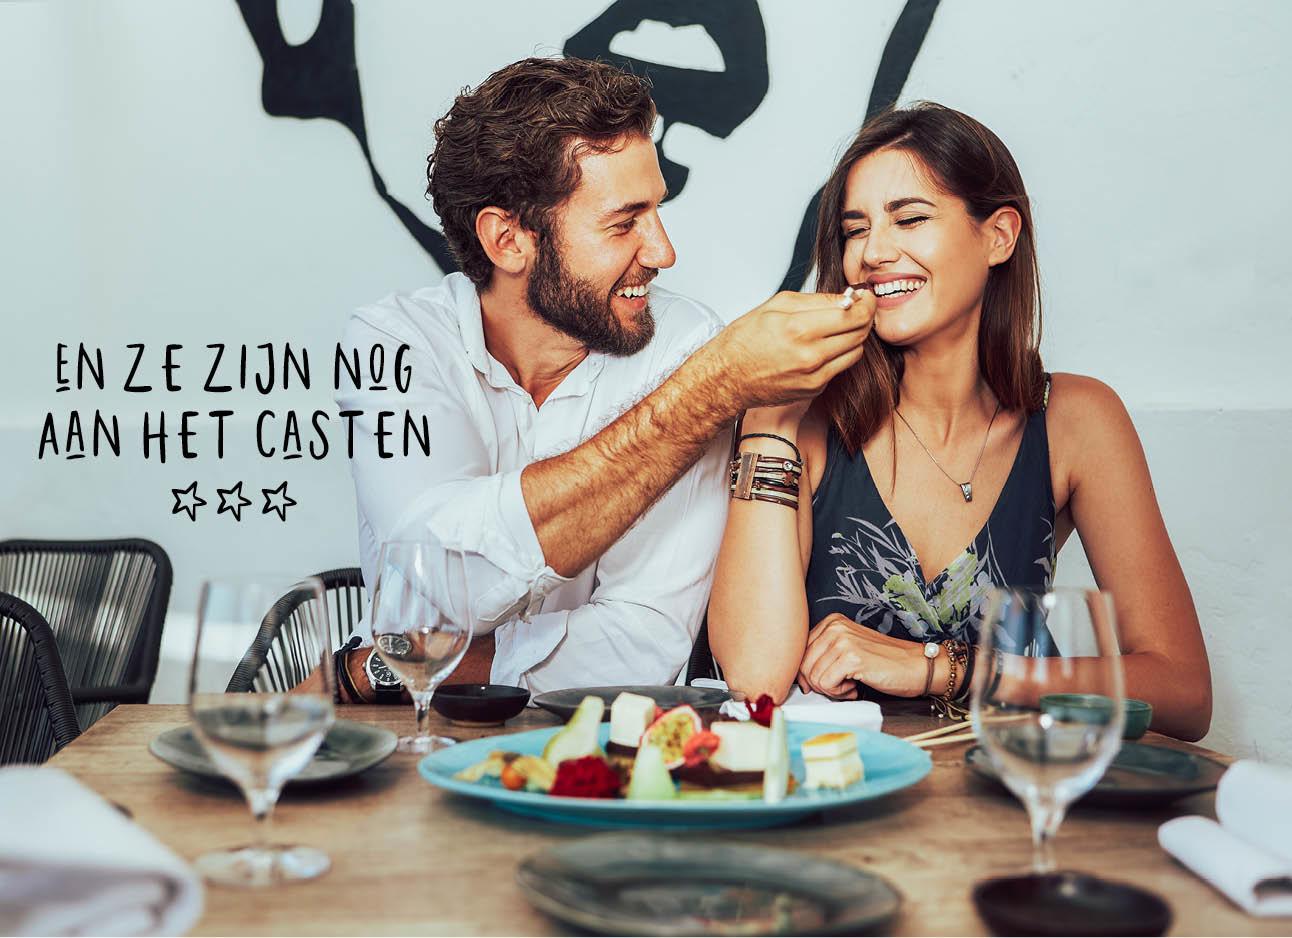 koppel aan het daten in restaurant